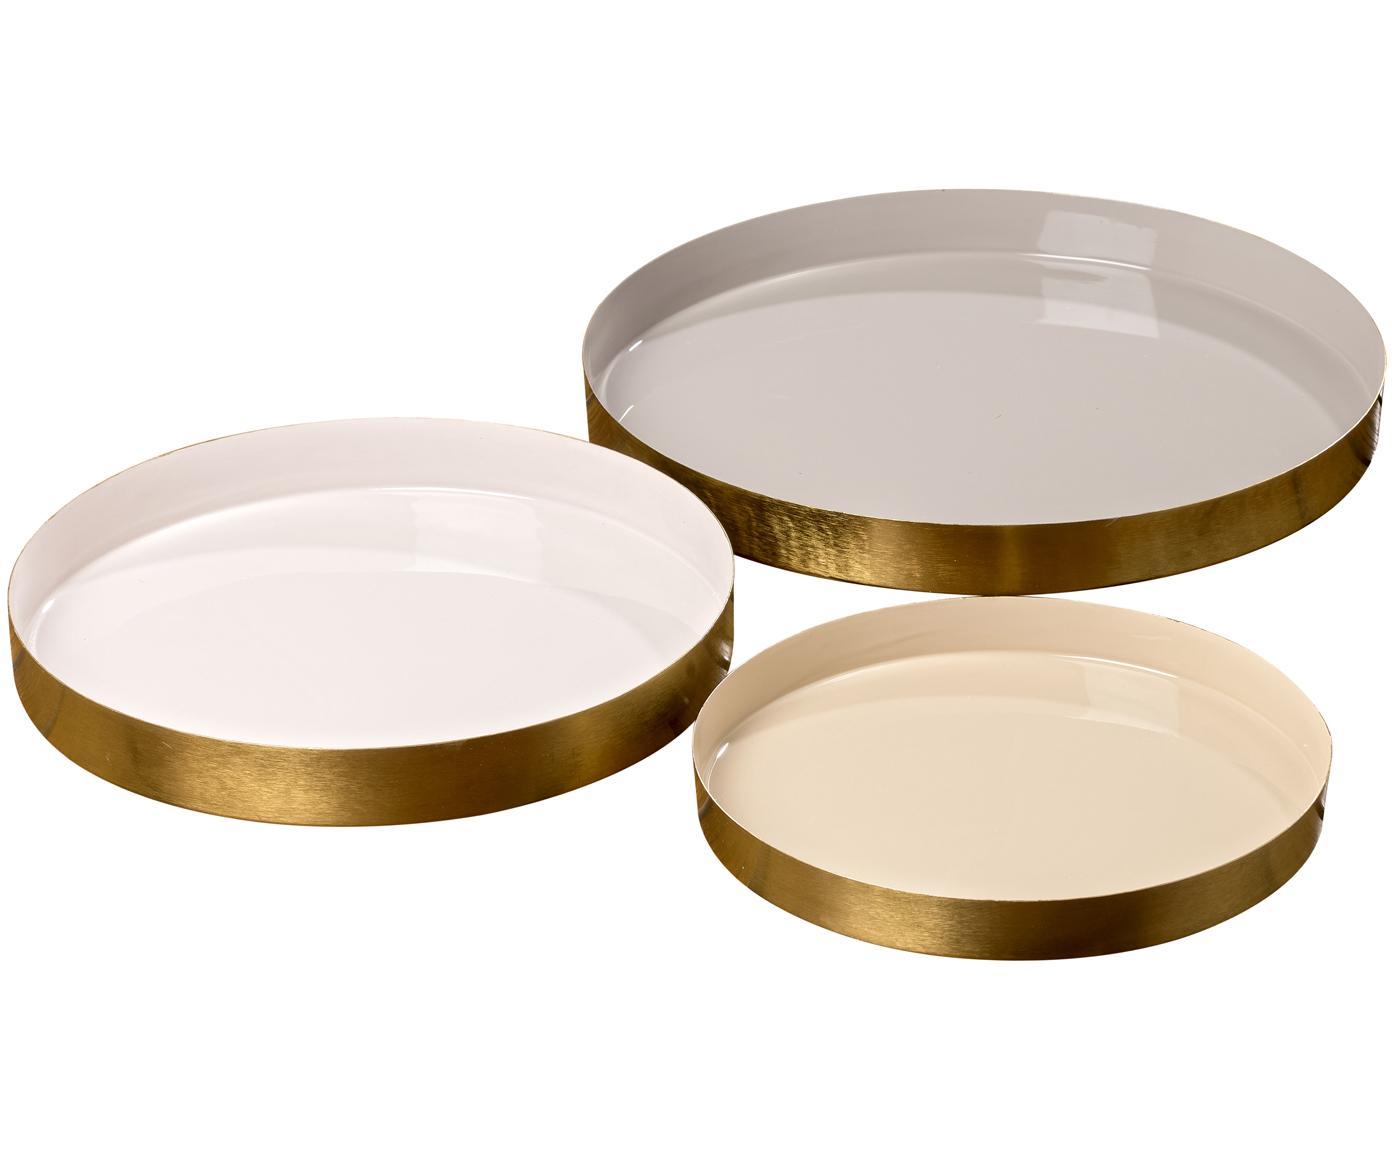 Set de bandejas decorativas Ayra, 3pzas., Metal, pintado, Gris, beige, blanco Exterior: dorado, Tamaños diferentes